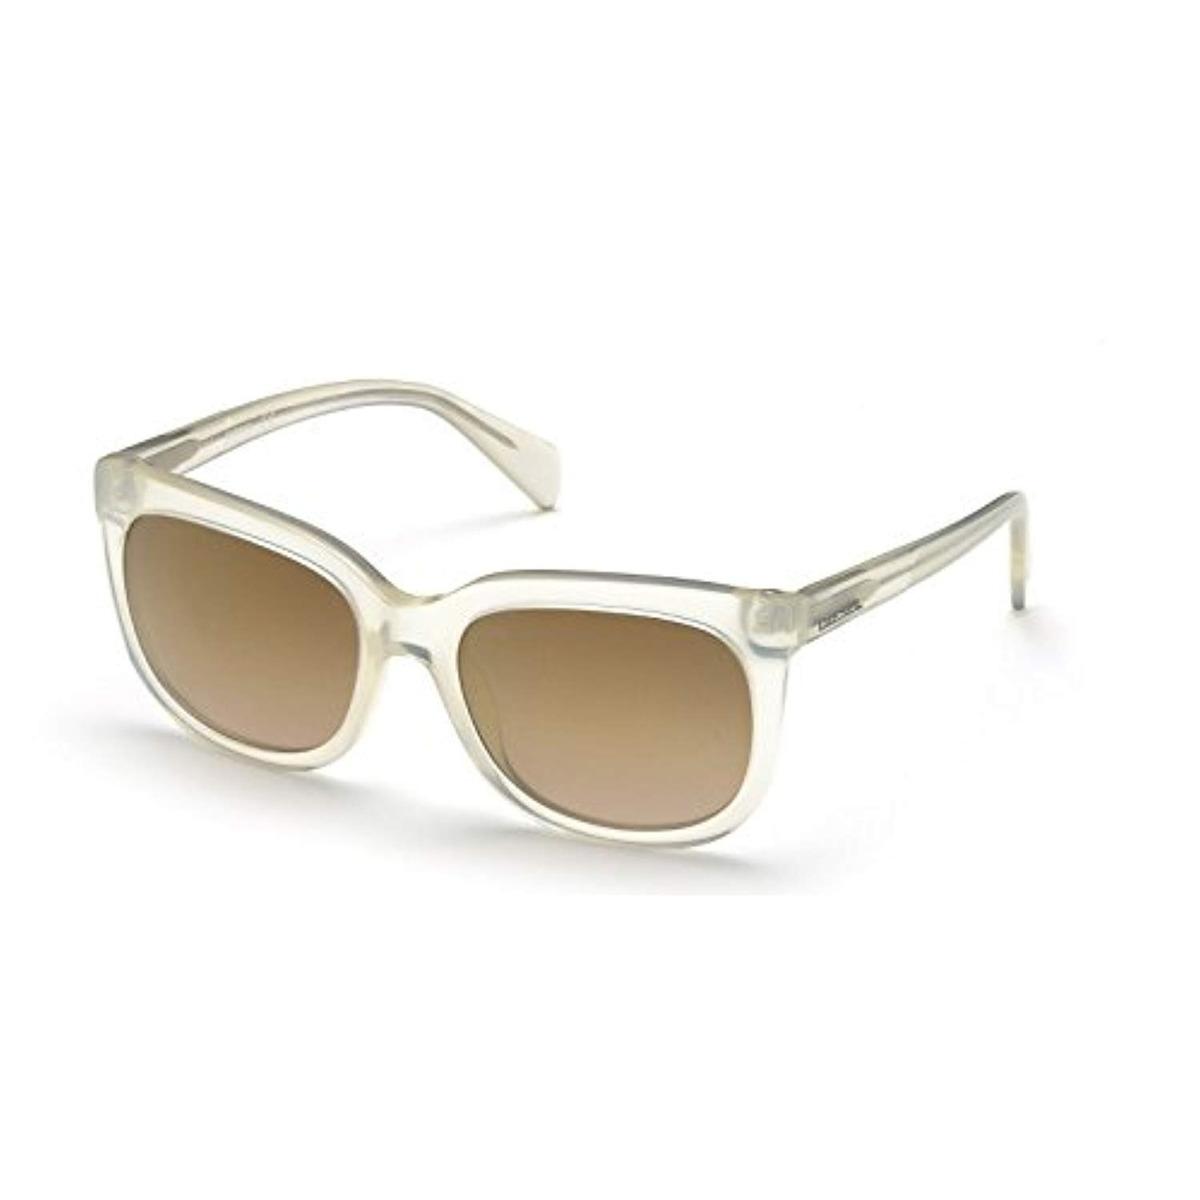 8b4a85cea5 gafas de sol cuadradas diesel dl0084 21g para mujer. Cargando zoom.